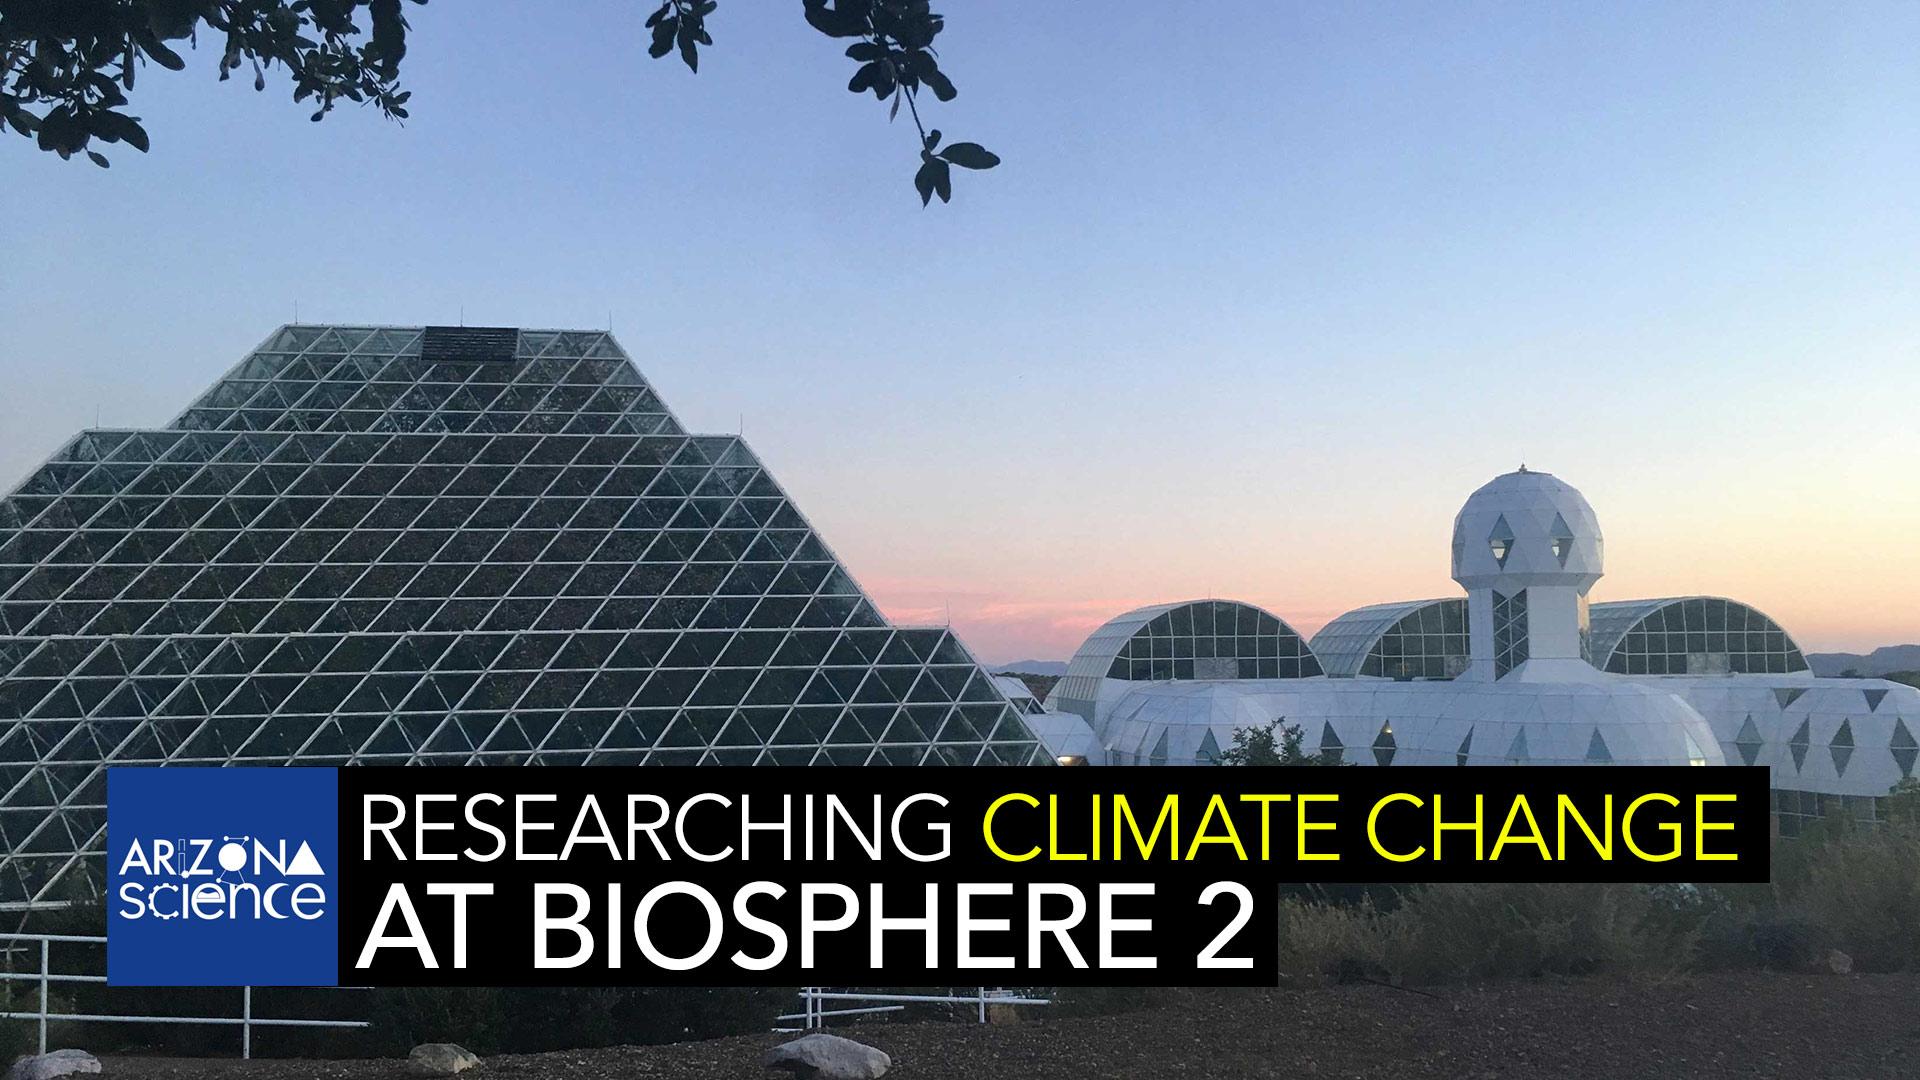 Biosphere 2, outside Oracle, AZ.